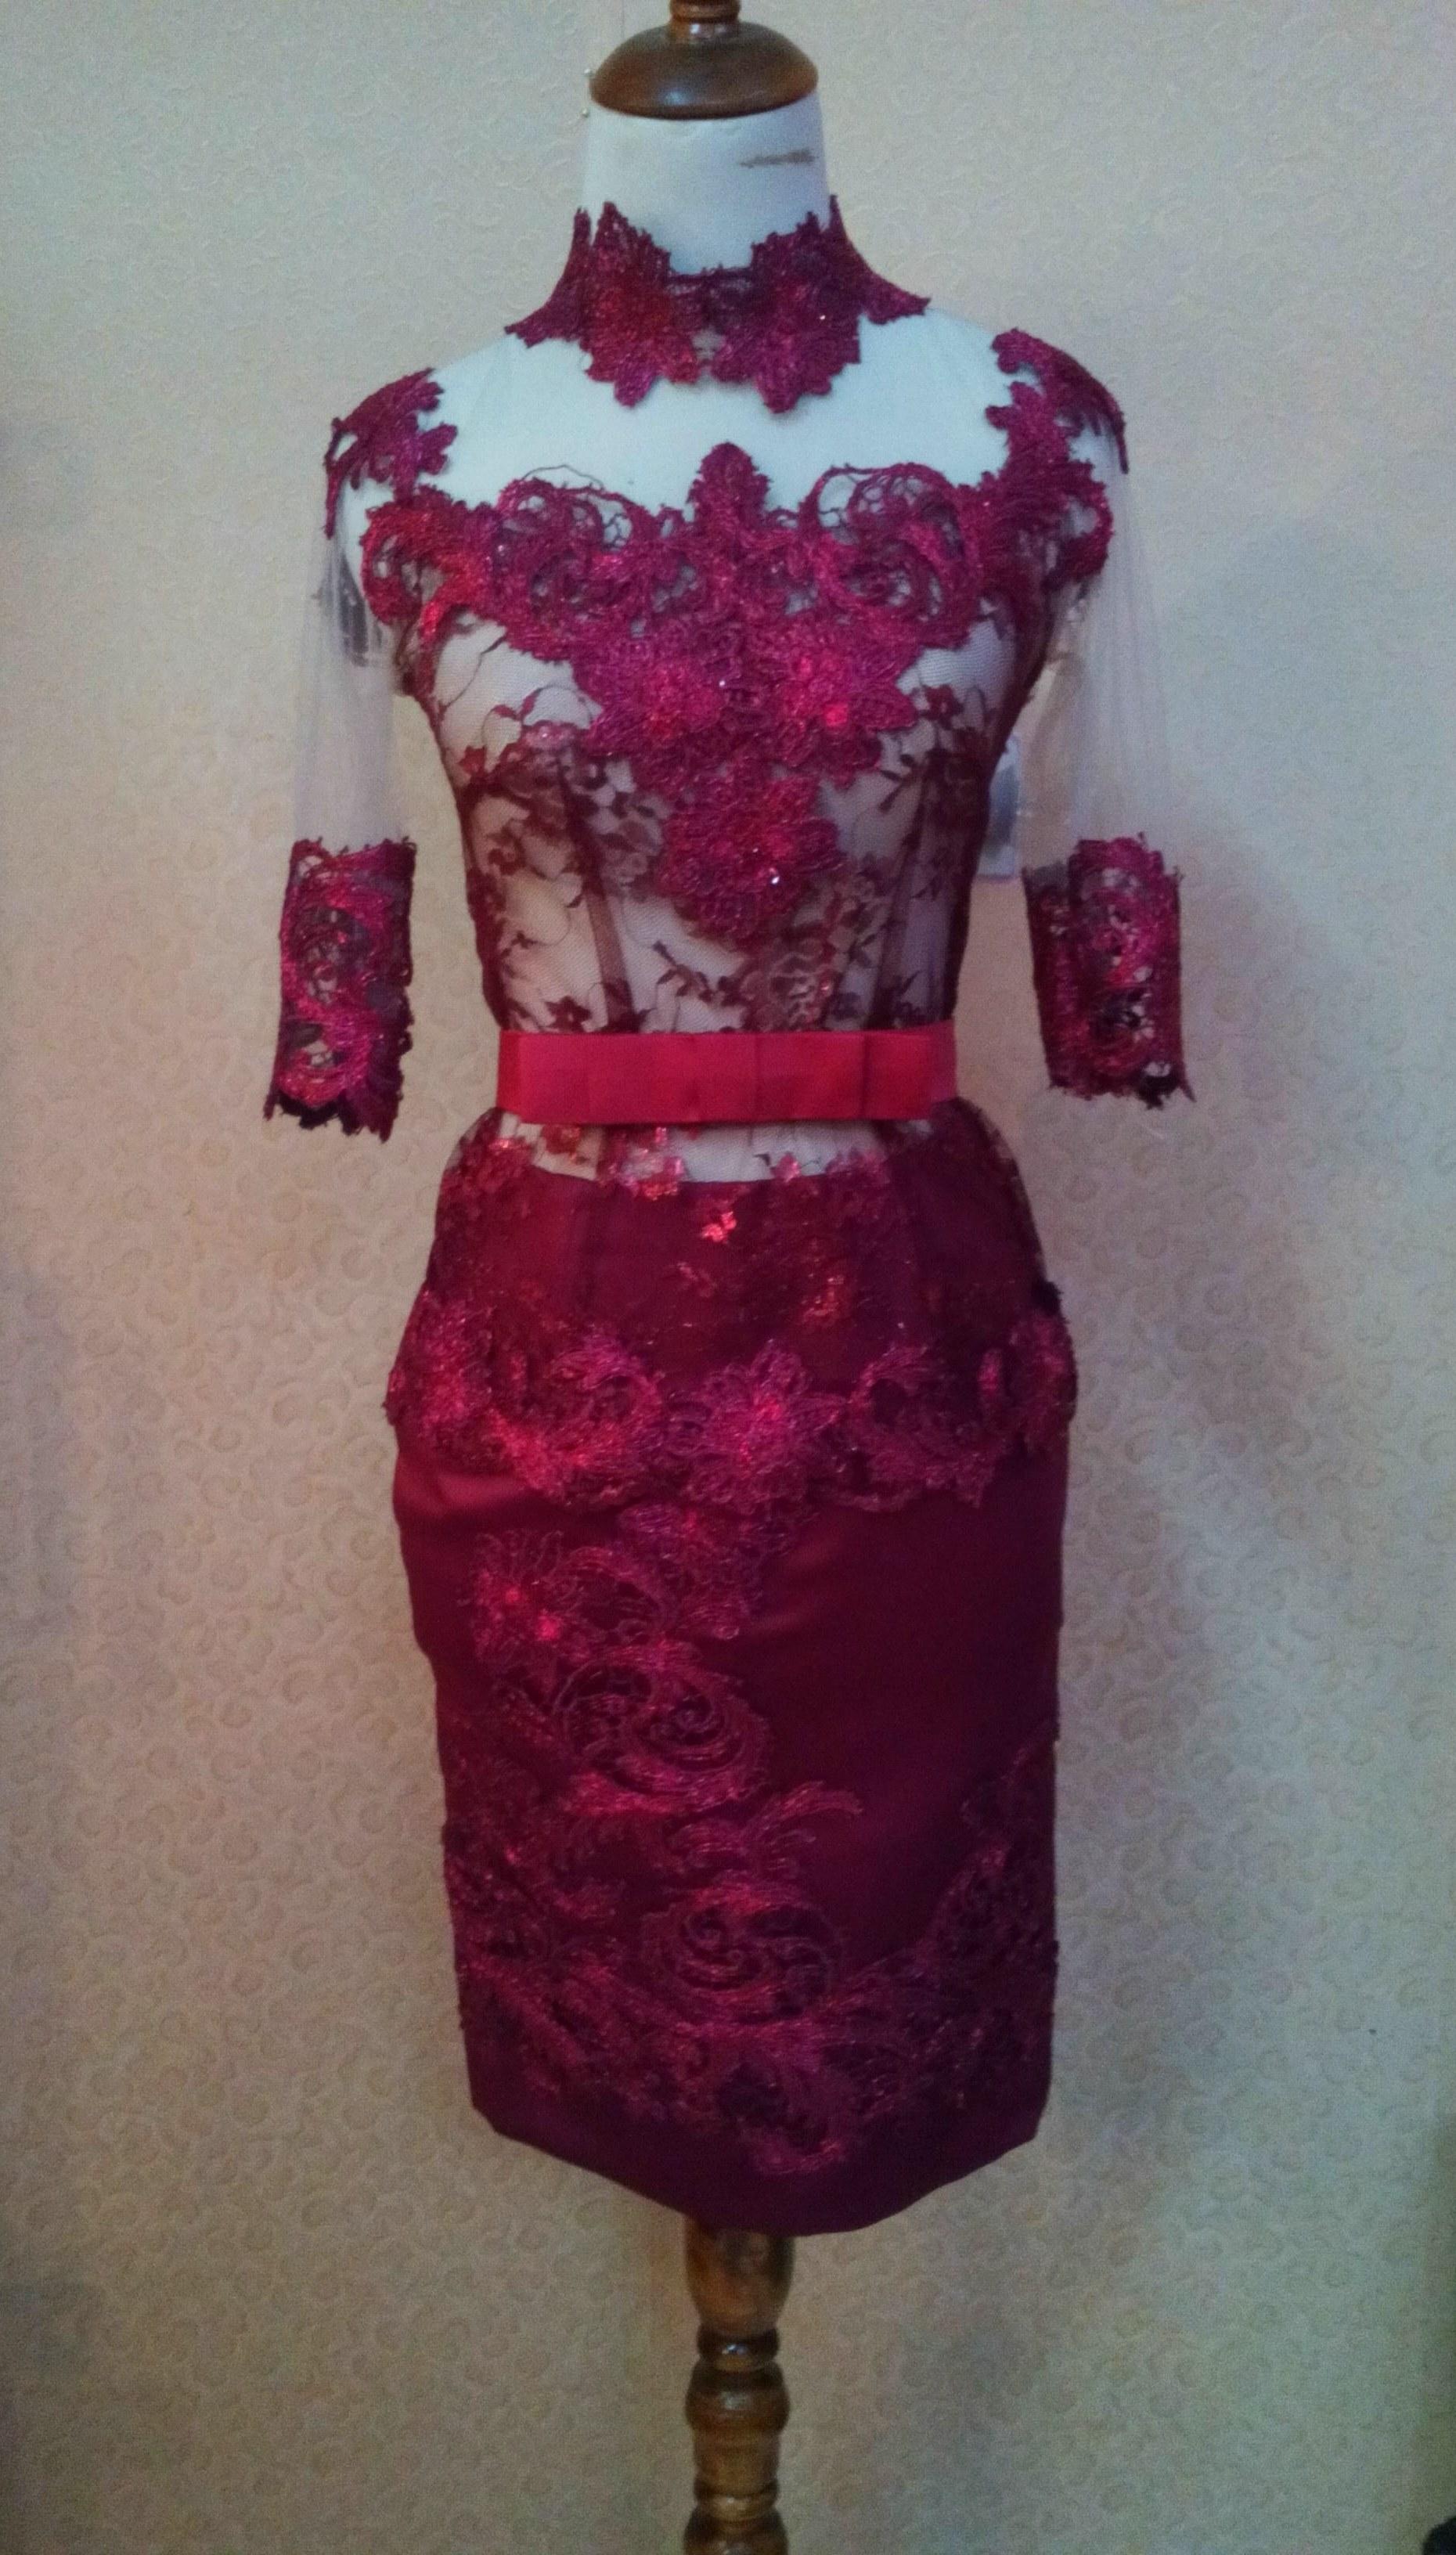 Bentuk Gaun Pengantin Muslimah Warna Merah Marun Fmdf Gaun Pengantin Merah Maroon Terbaik Gaun Pengantin Warna